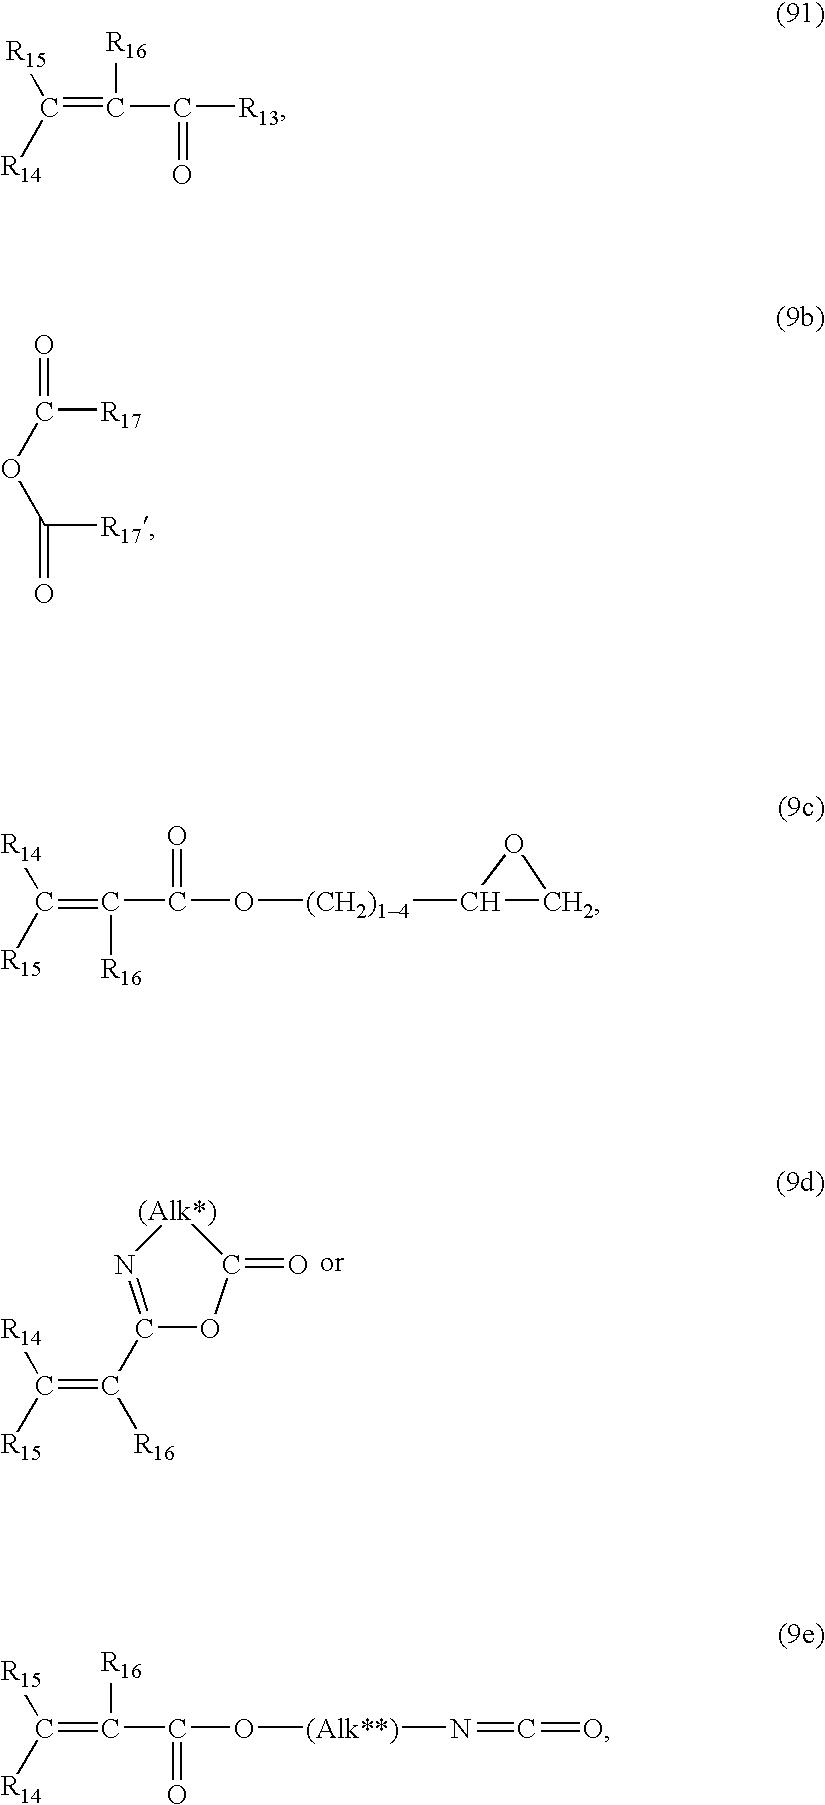 Figure US20060160957A1-20060720-C00017